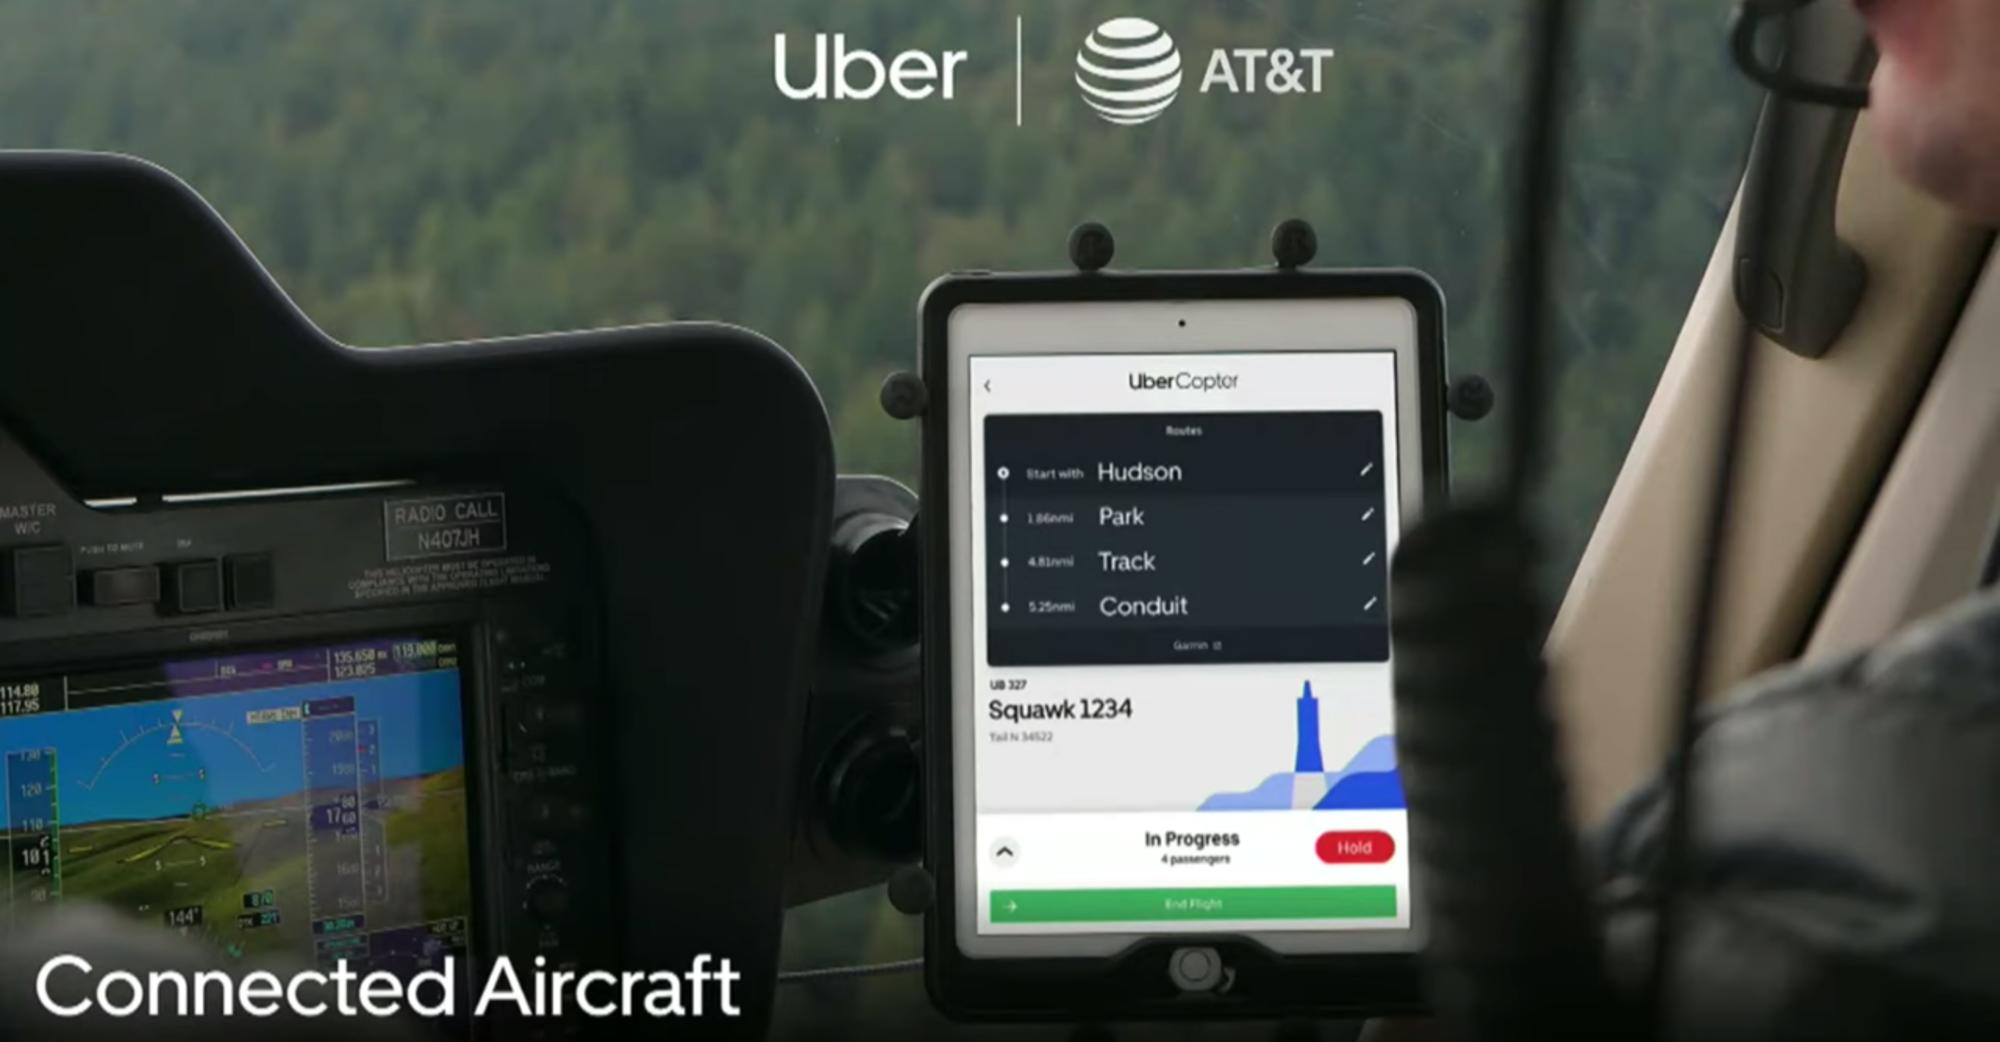 Uber Air and AT&T